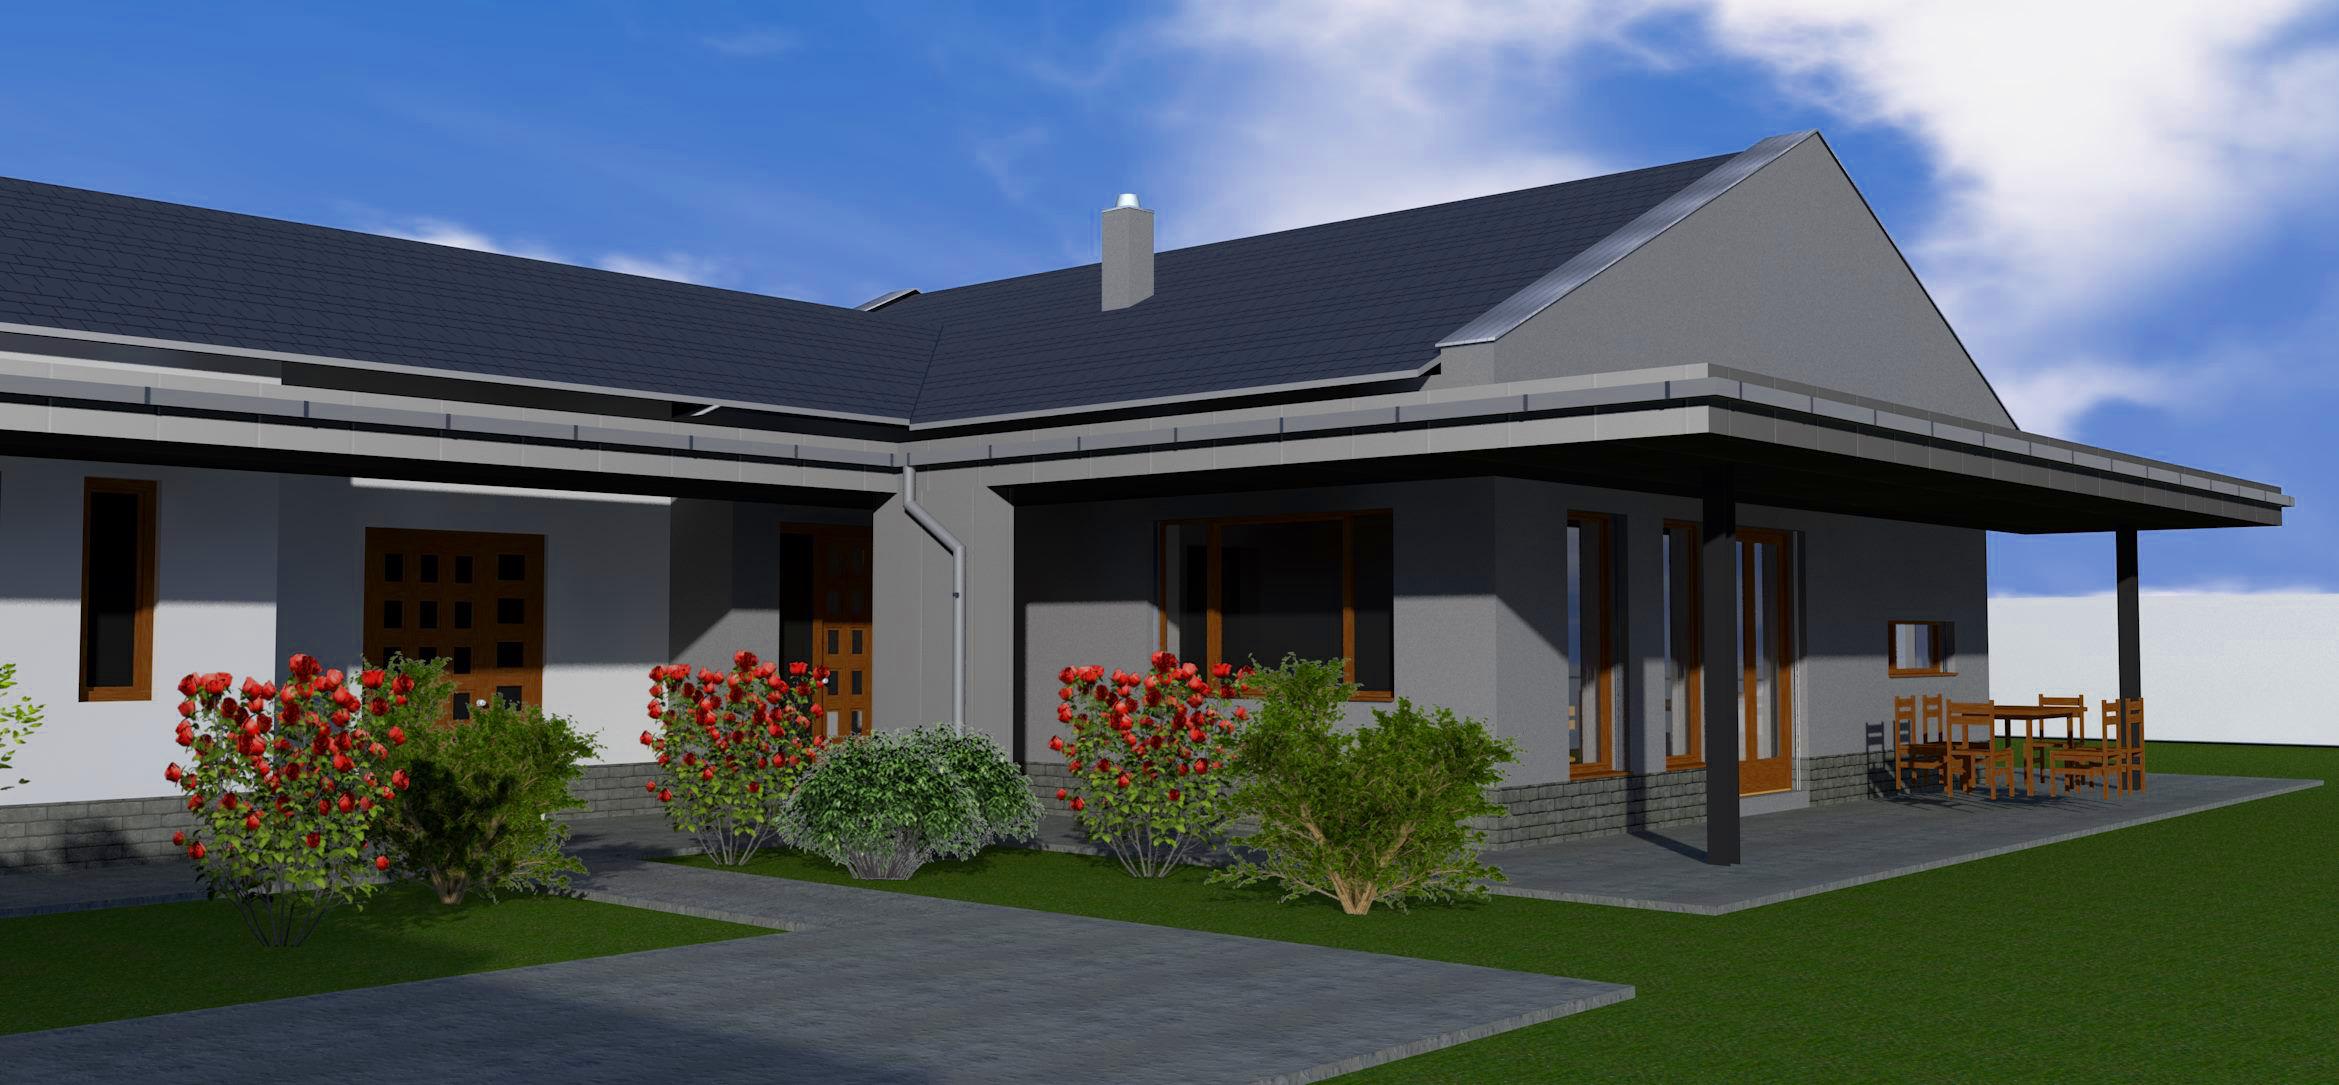 Cegled building permit